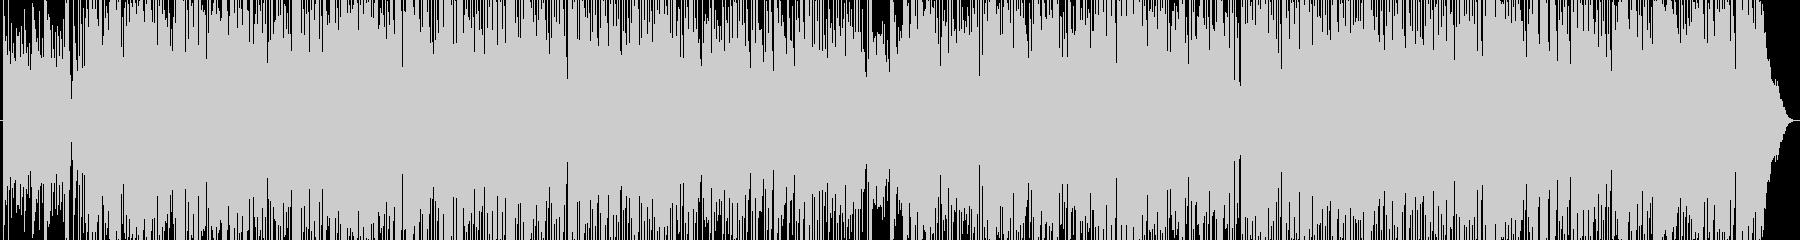 軽いボサノバです、の未再生の波形